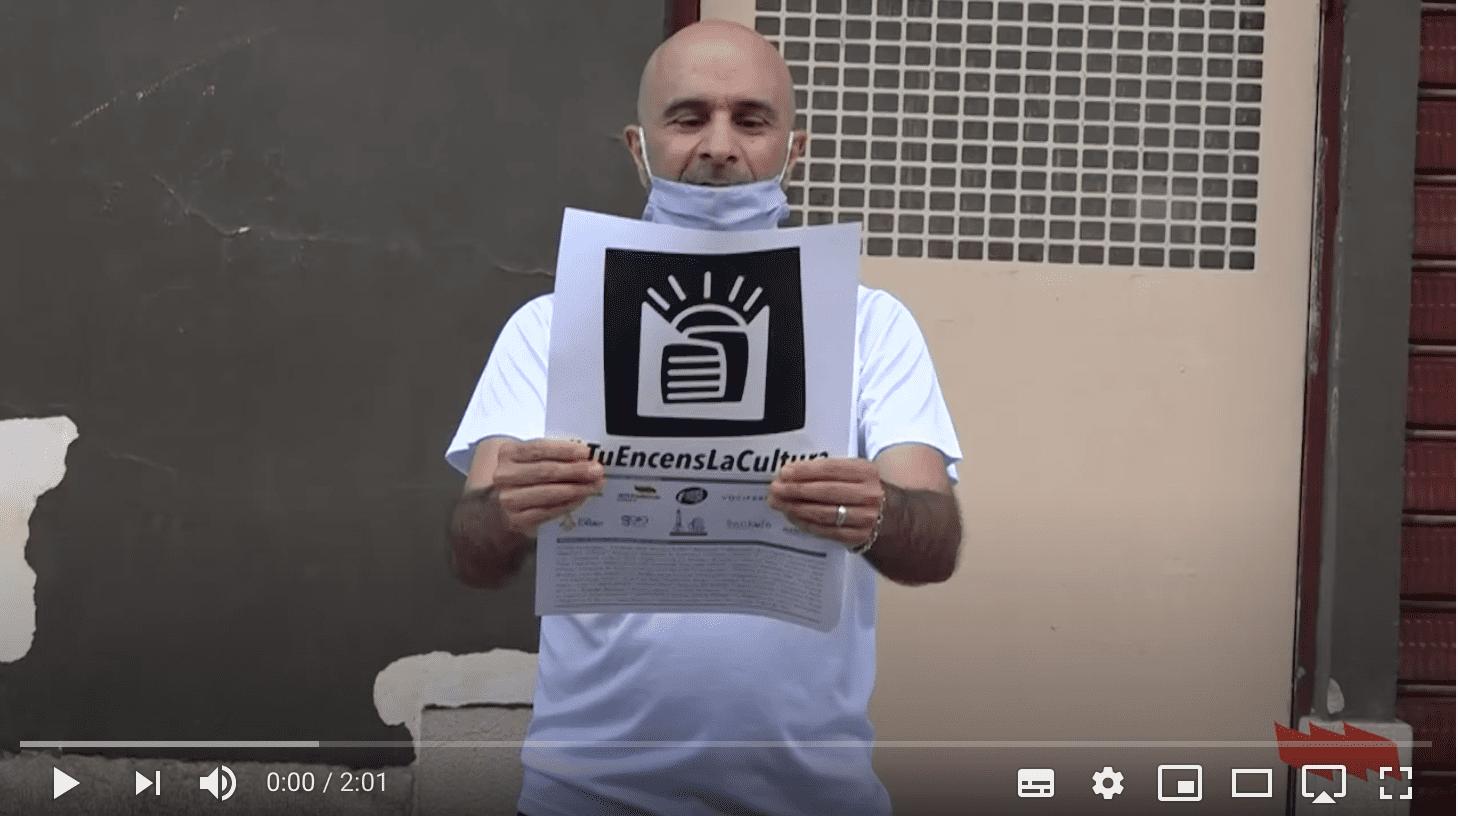 Primera lectura pública del manifest 'Tu encens la cultura'